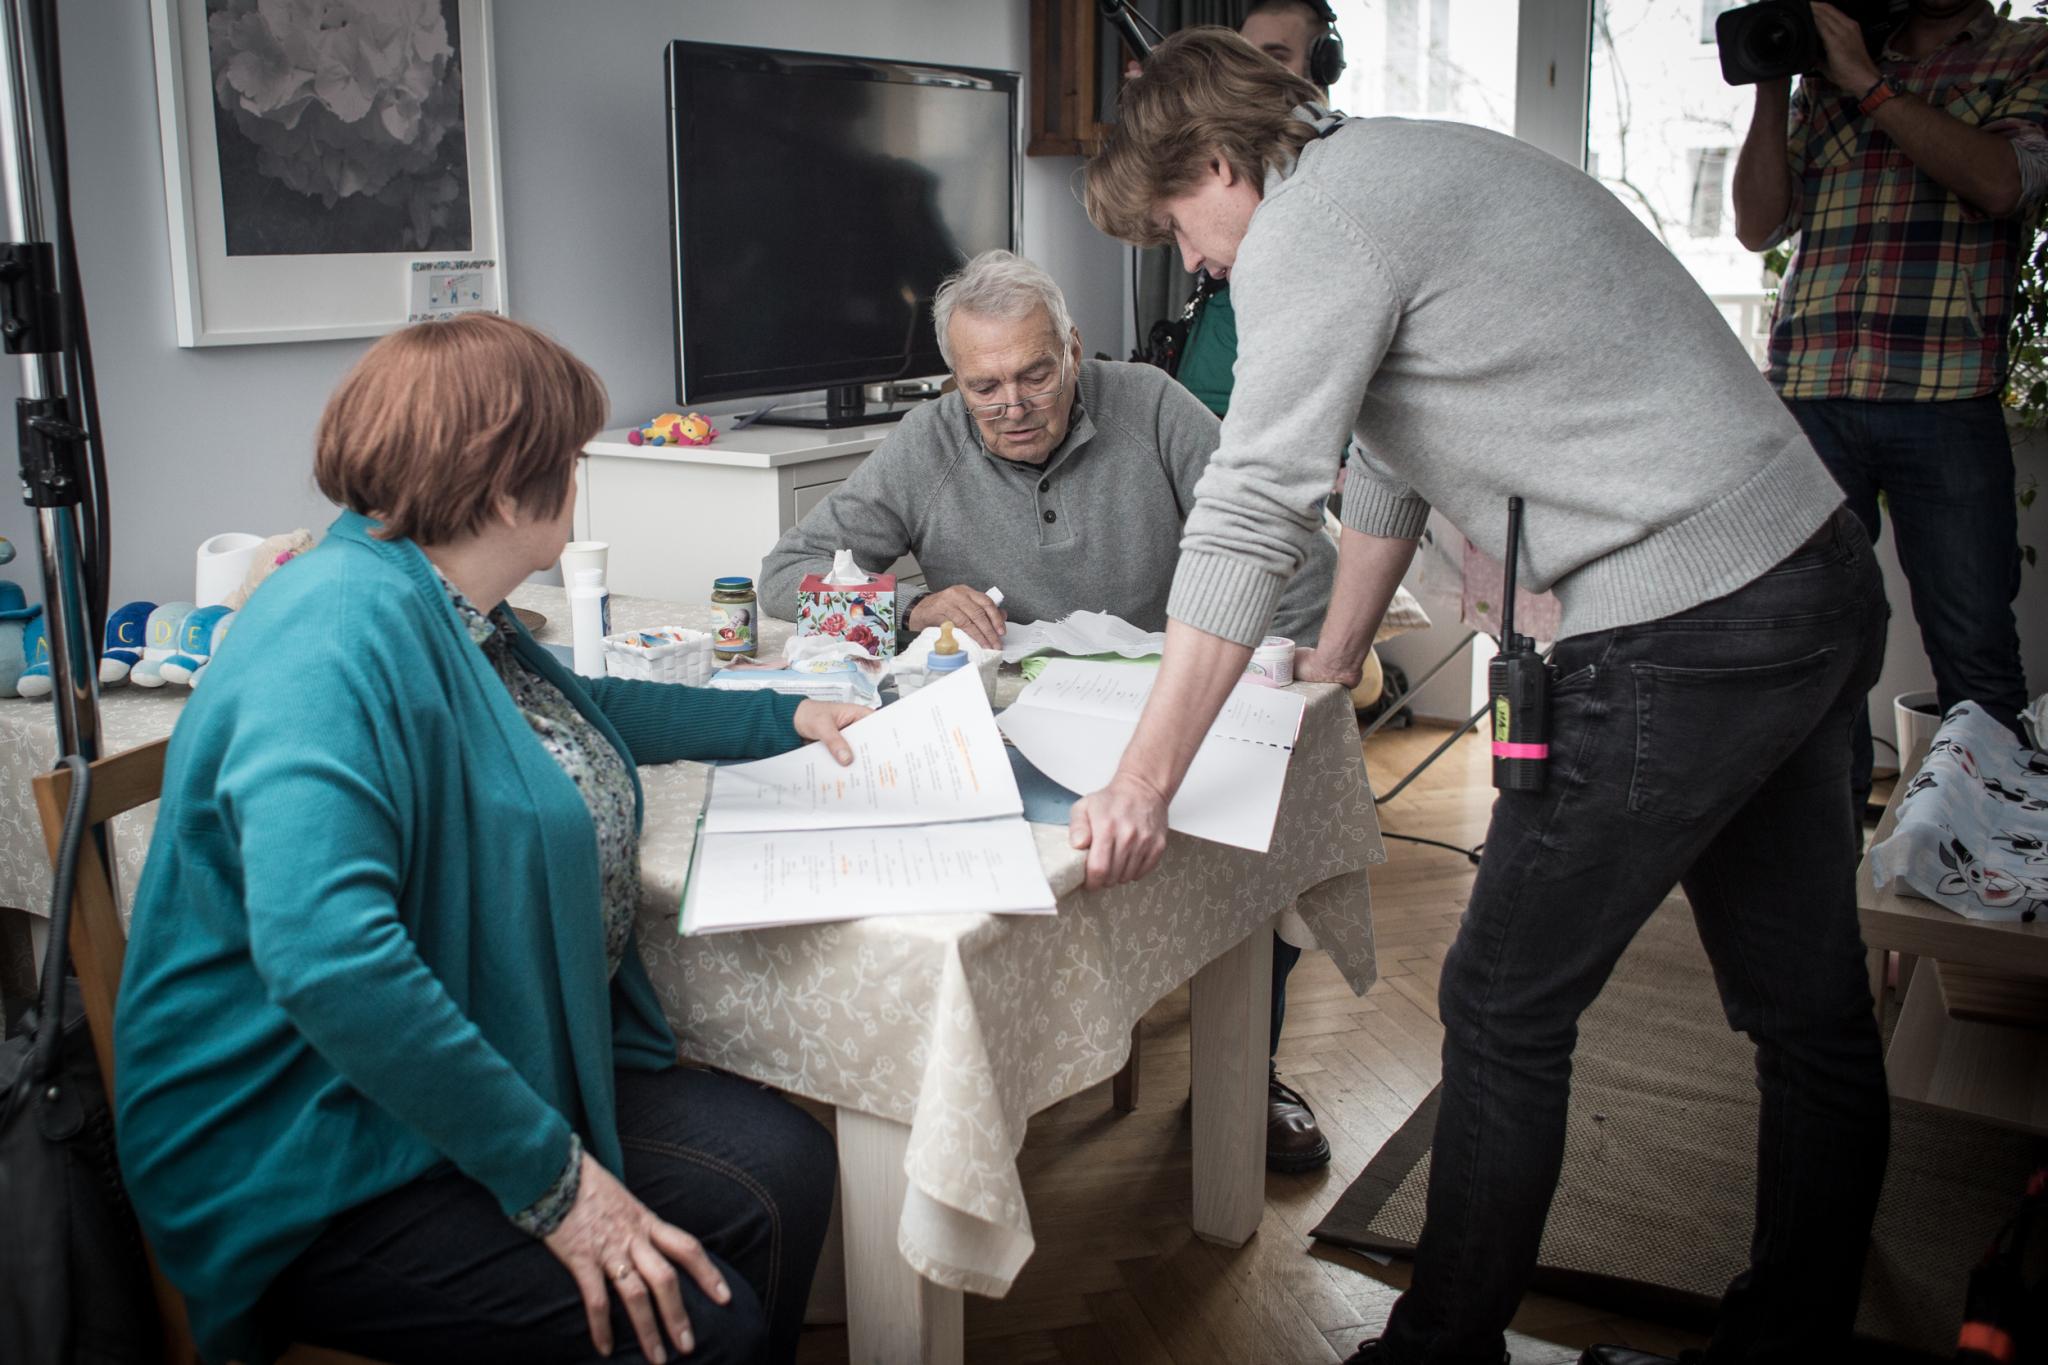 Krystyna Tkacz, Zdzisław Warderjn i reżyser Tomasz Szafrański